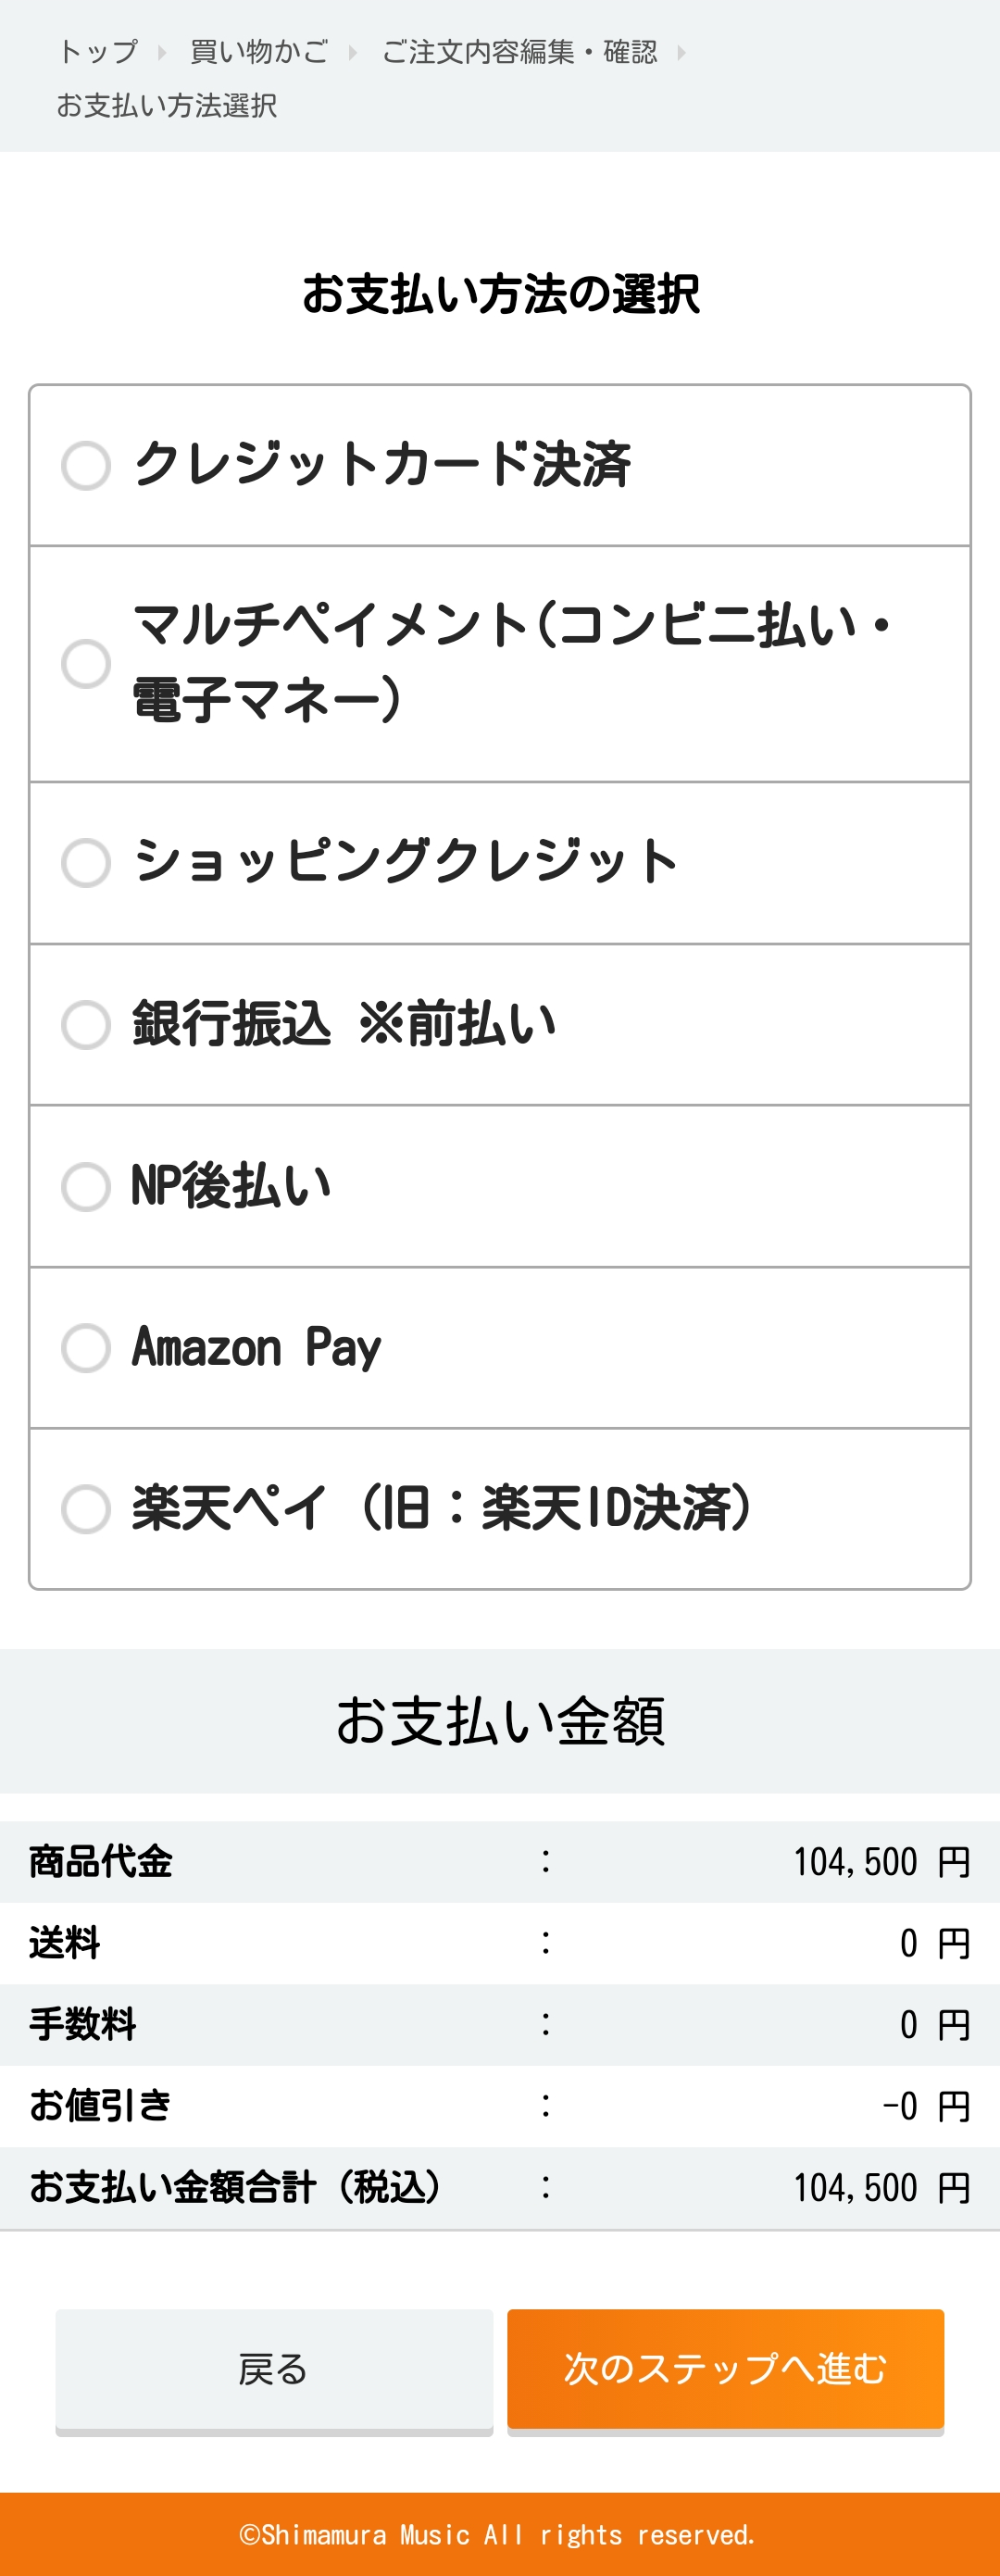 オンラインストア説明_お支払い方法2